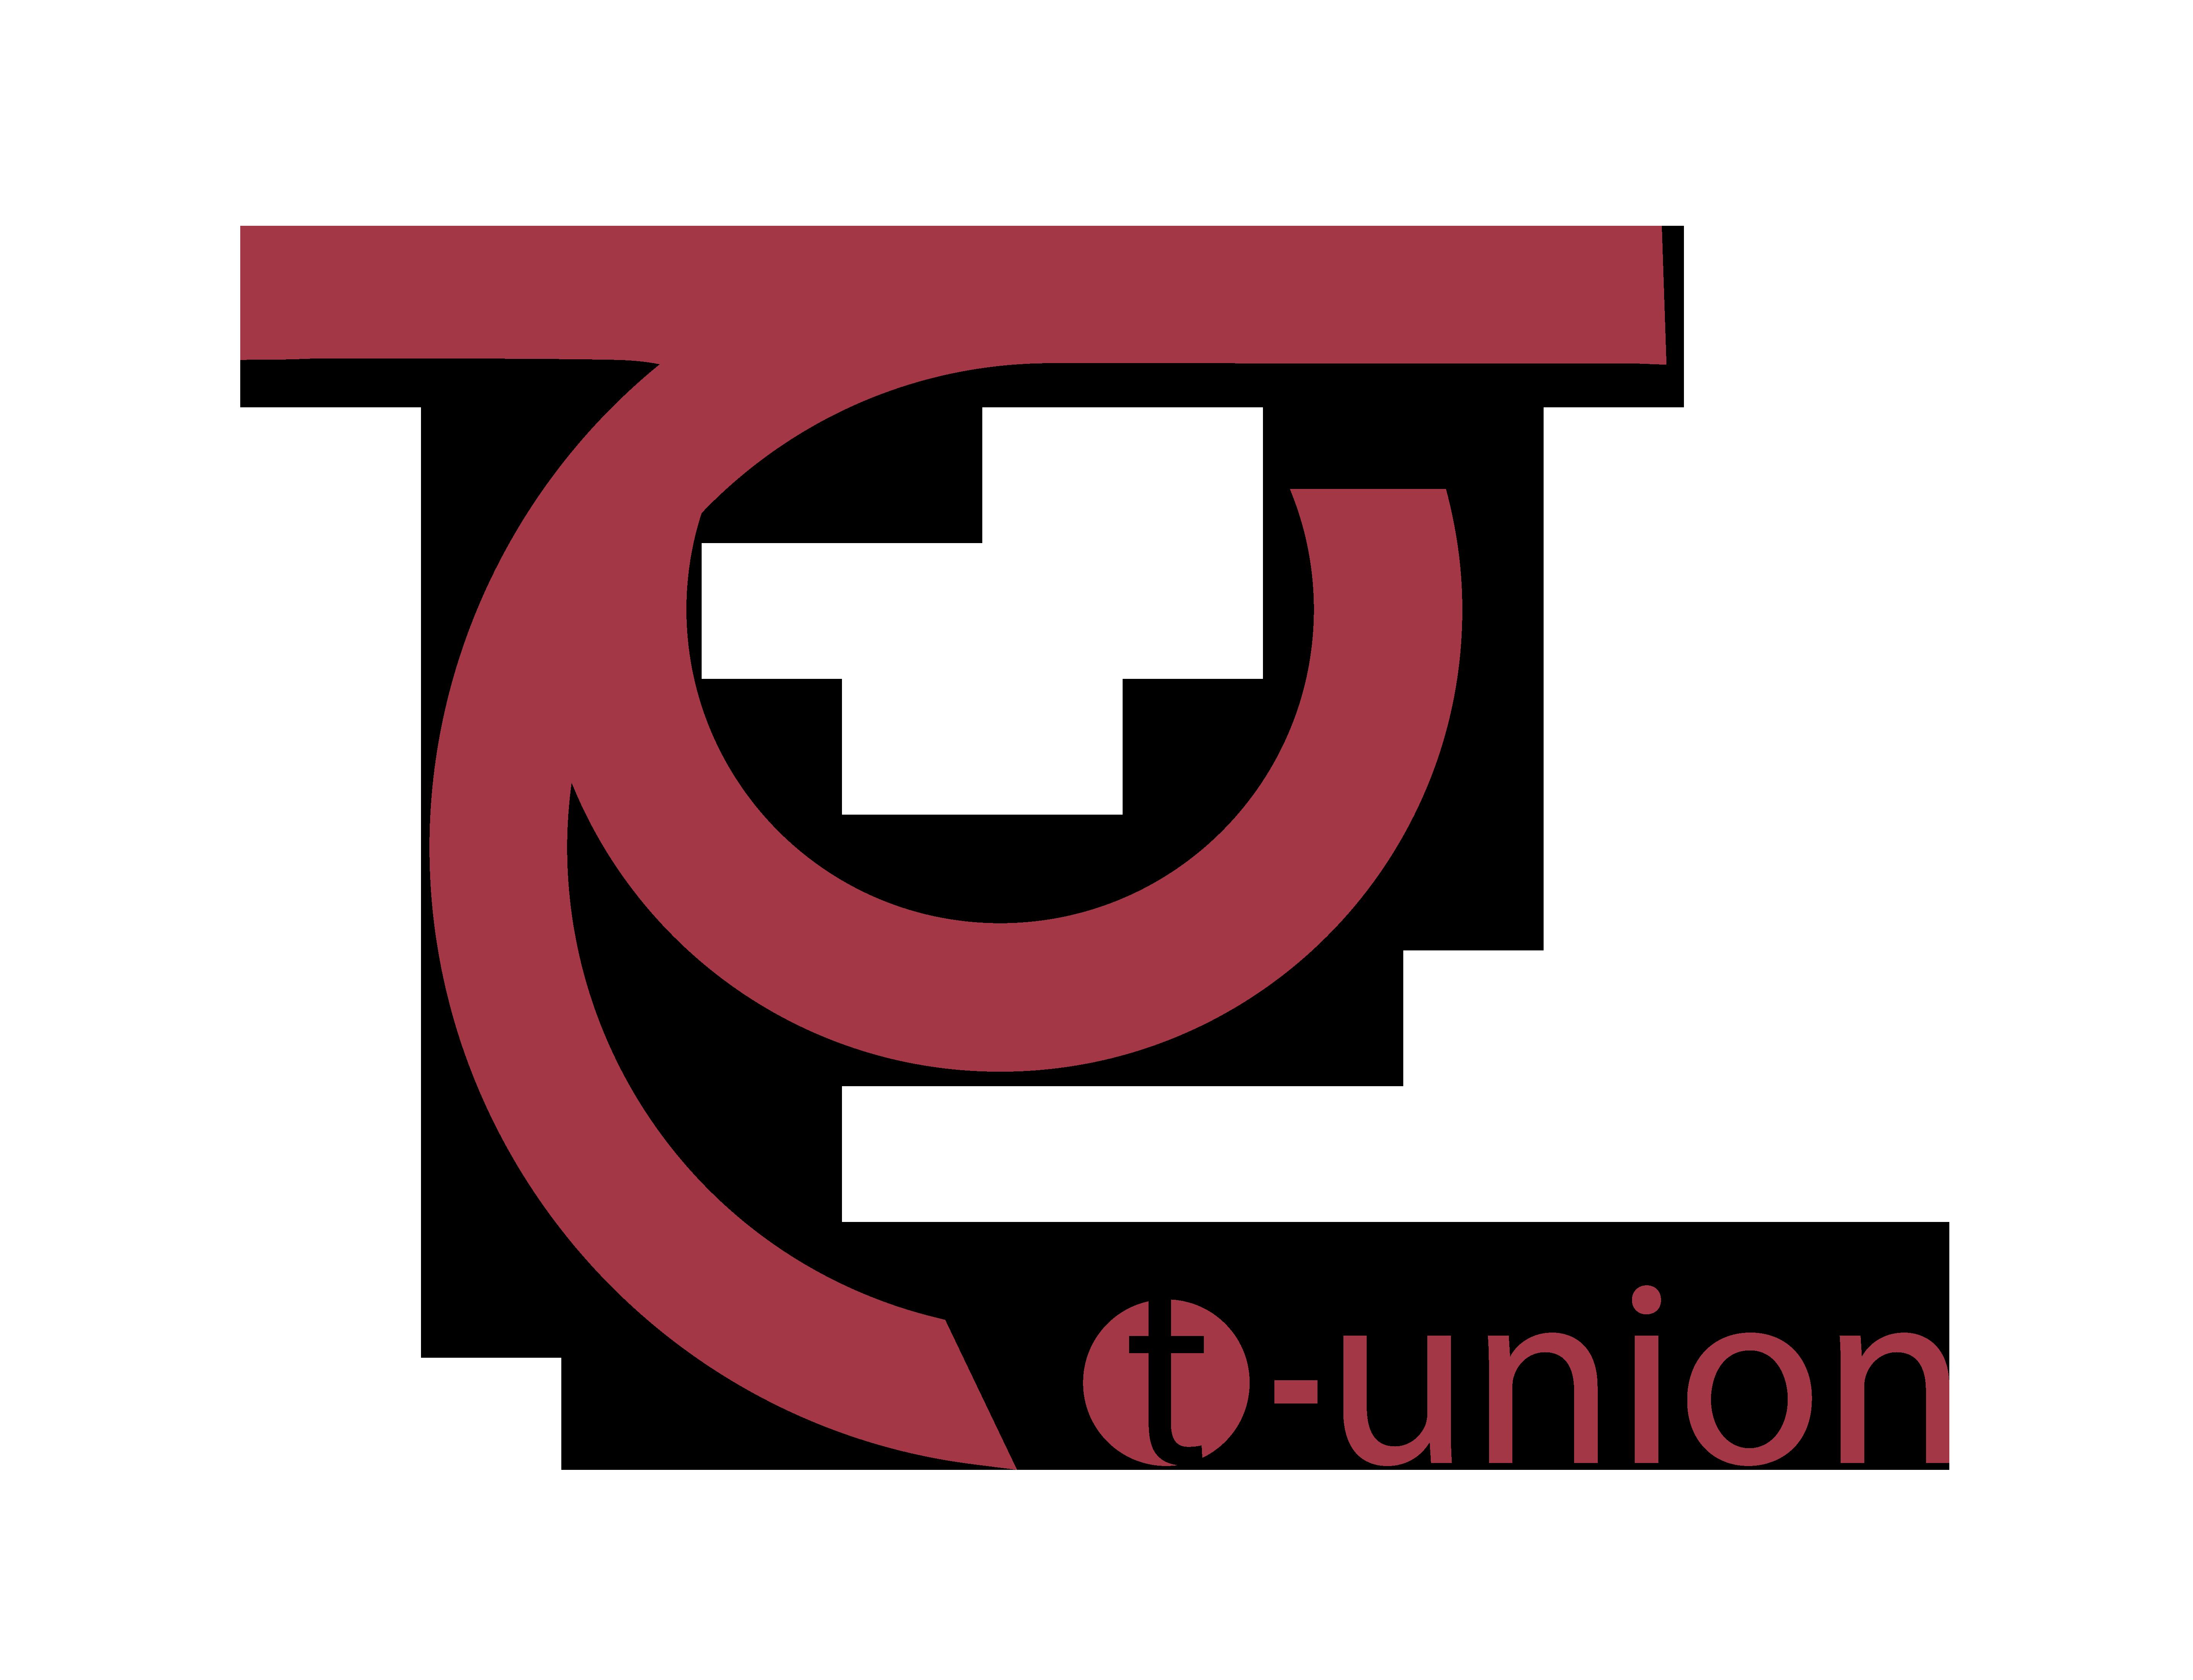 T-Union